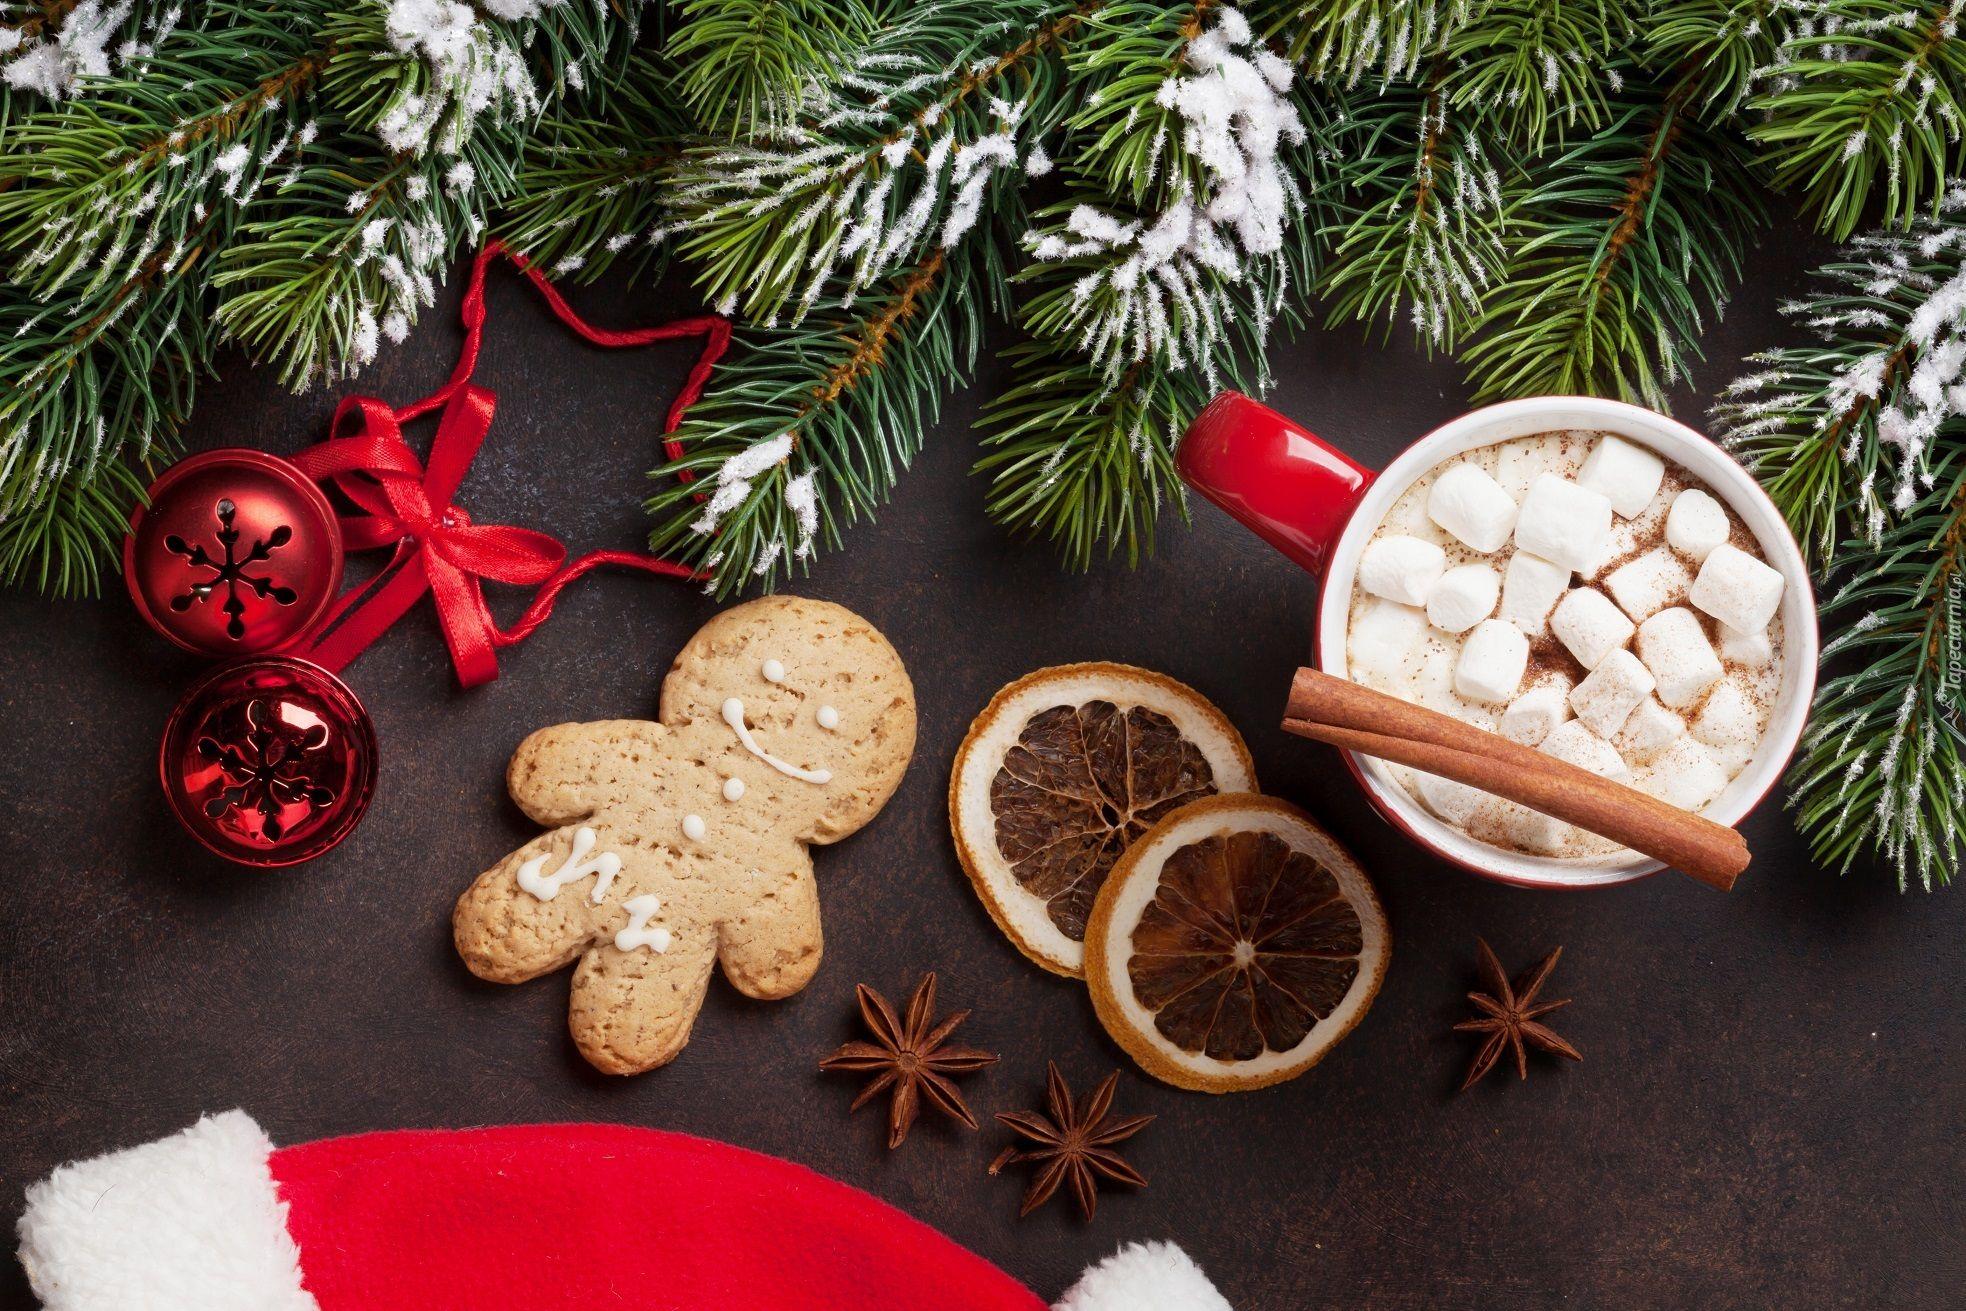 Kompozycja Swiateczna Boze Narodzenie Pierniczek Kubek Kakao Pianki Anyz Laska Cynamonu G Hot Chocolate Marshmallows Christmas Chocolate Hot Chocolate